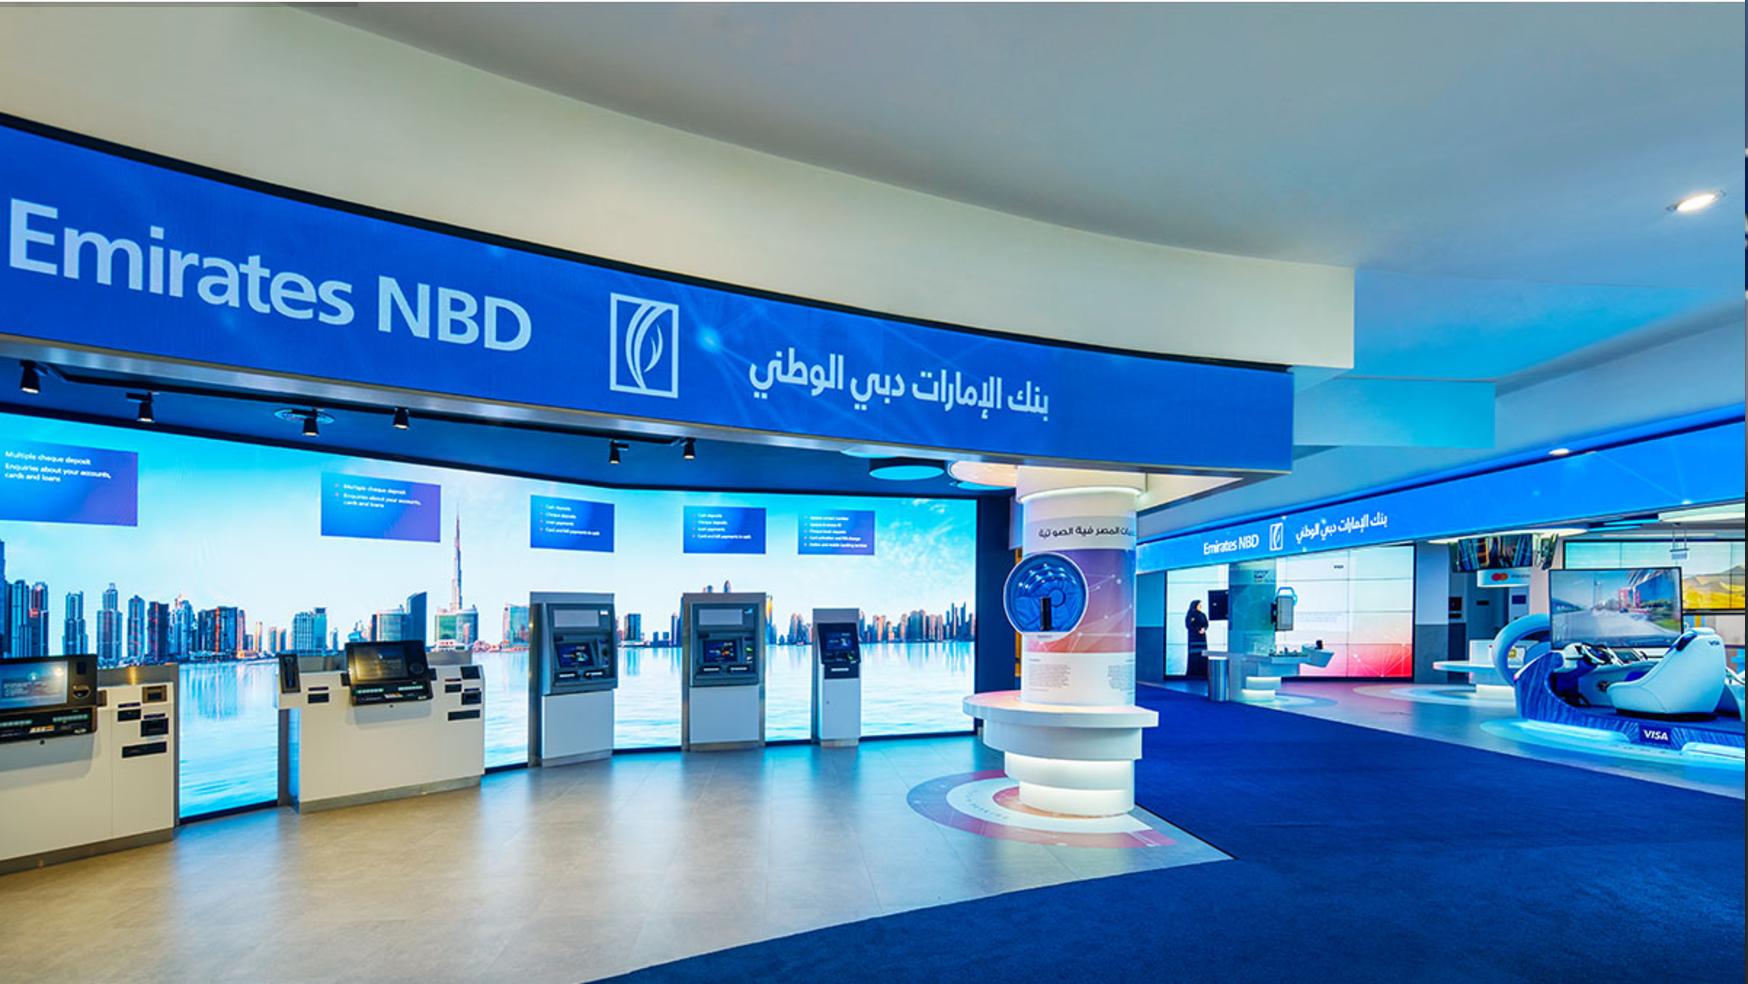 EmiratesNBD Digital Signage Banking